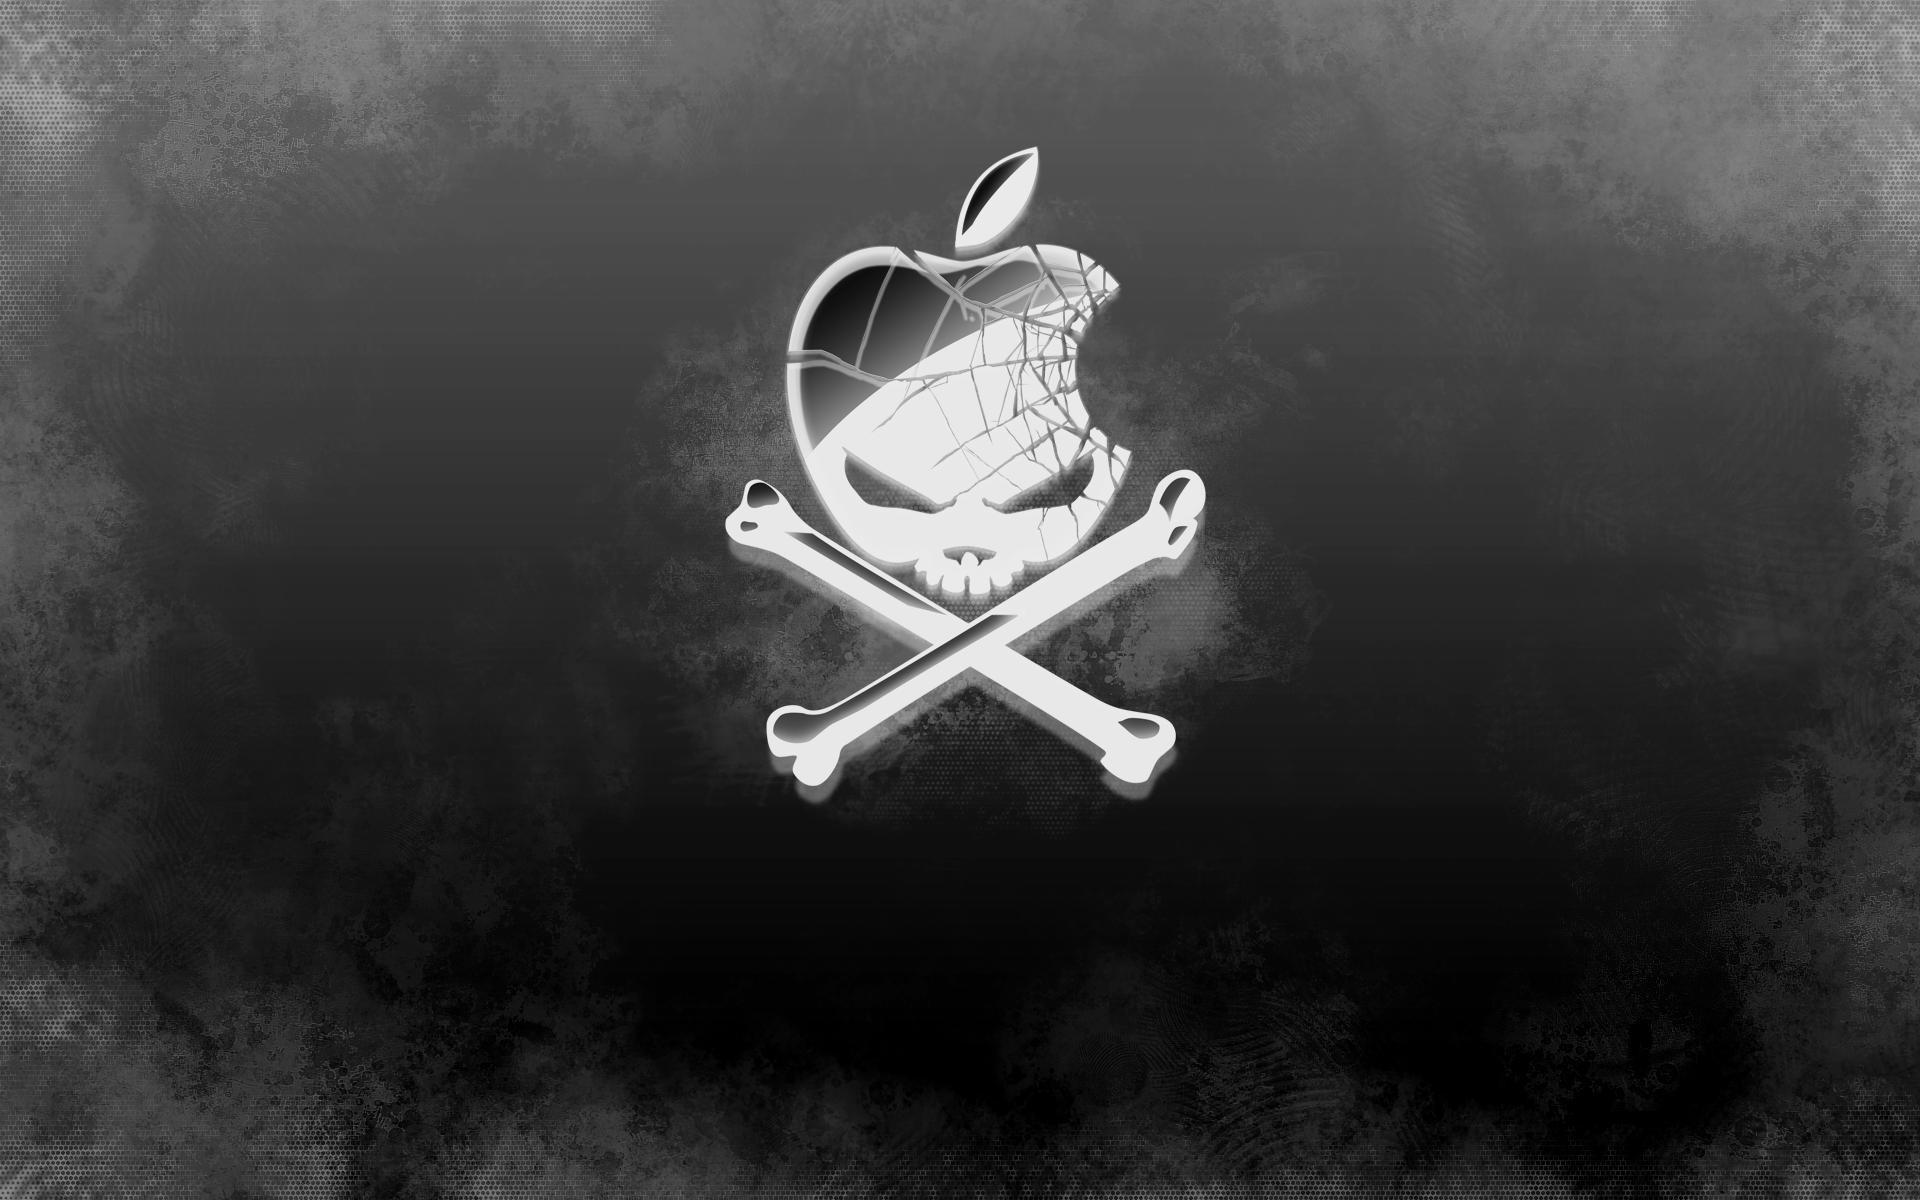 Apple Skull Logo Download Cool Silver Skull Apple Logo Wallpaper .